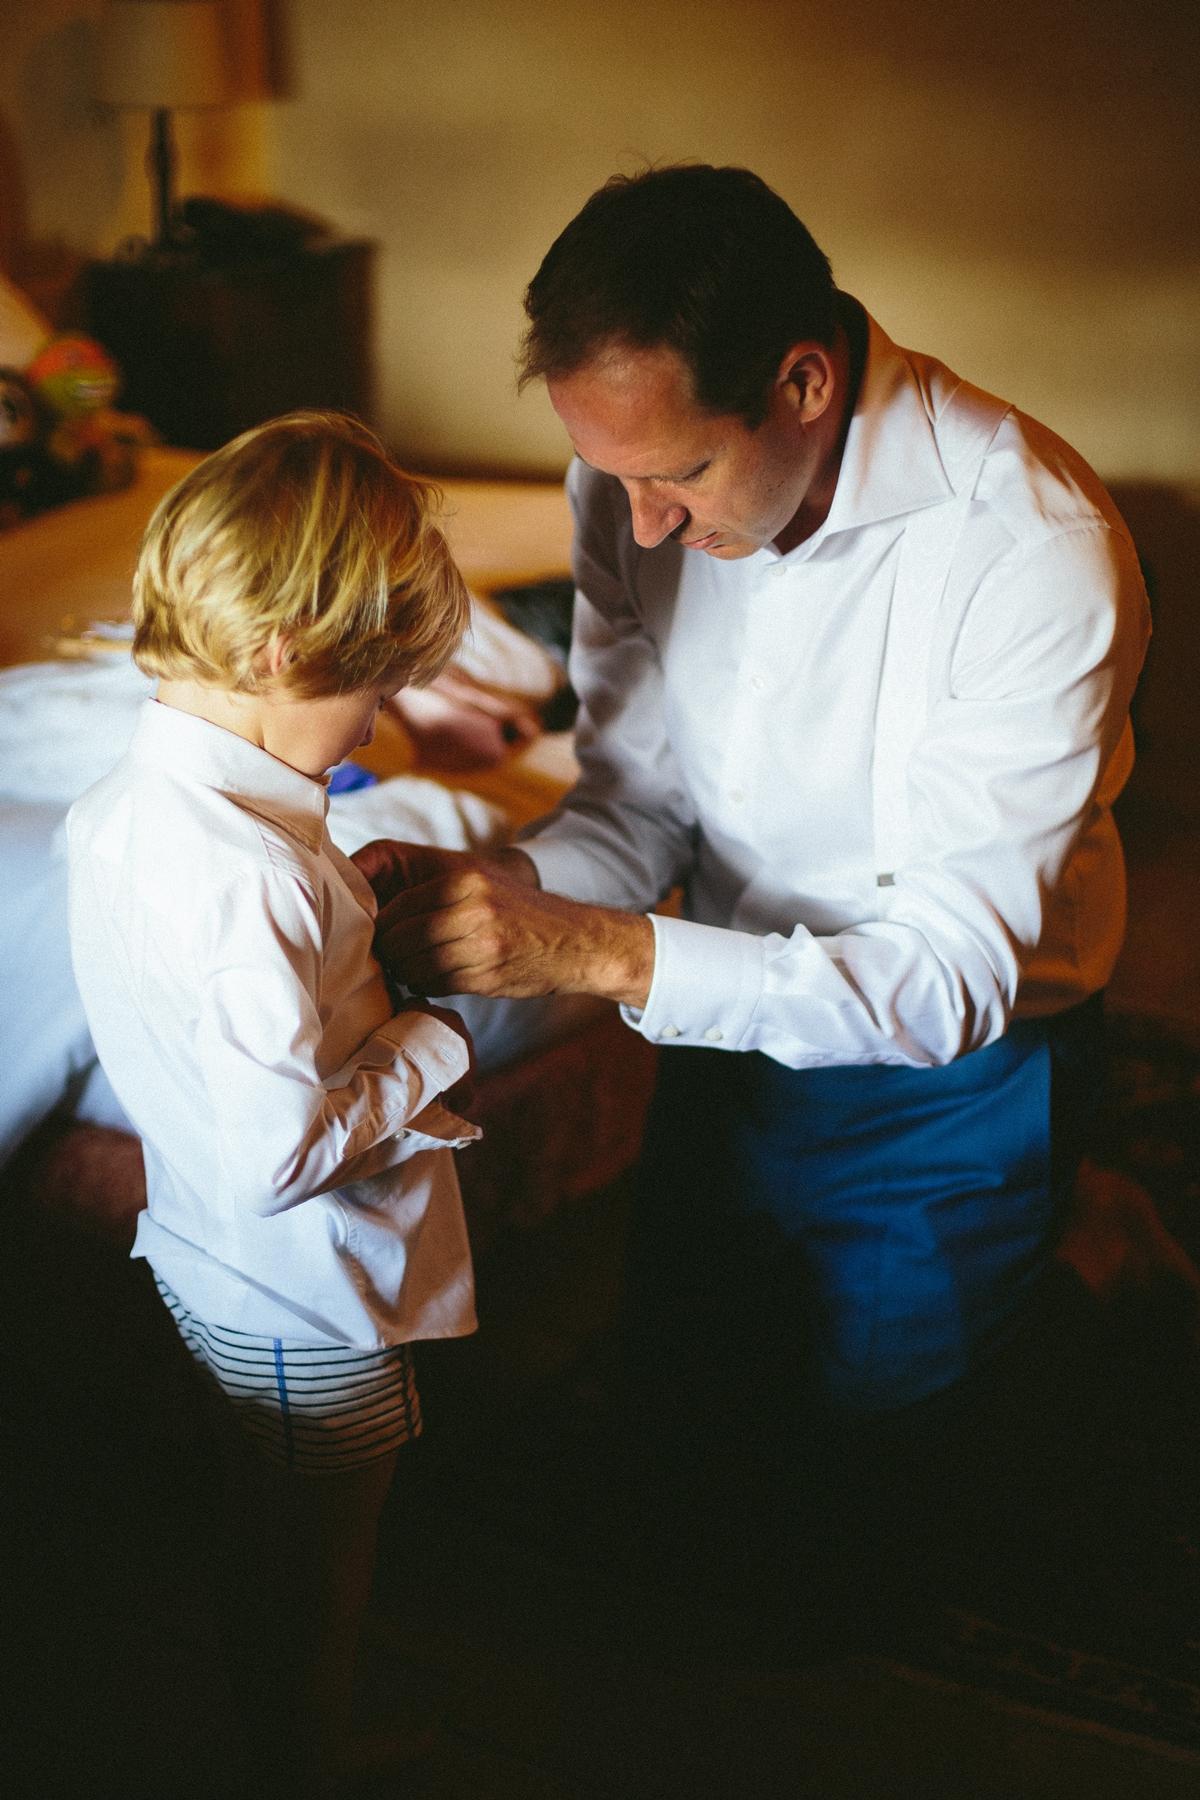 father-son-getting-ready.jpg